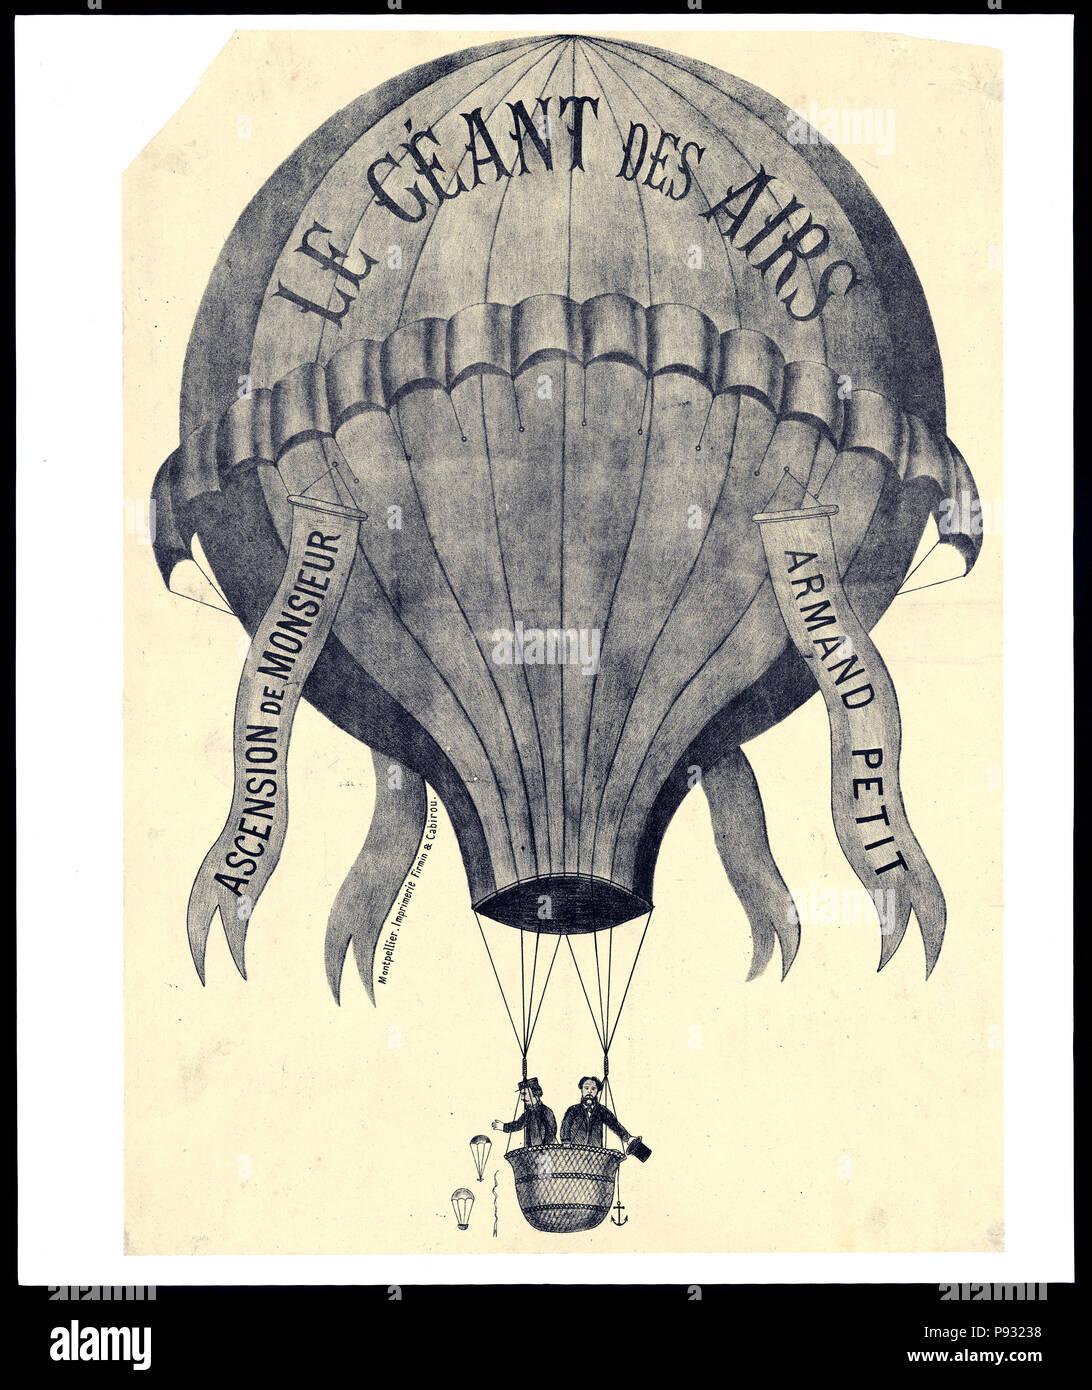 Le Géant des airs. Ascension de Monsieur Armand Petit. 1860-1880 - Stock Image